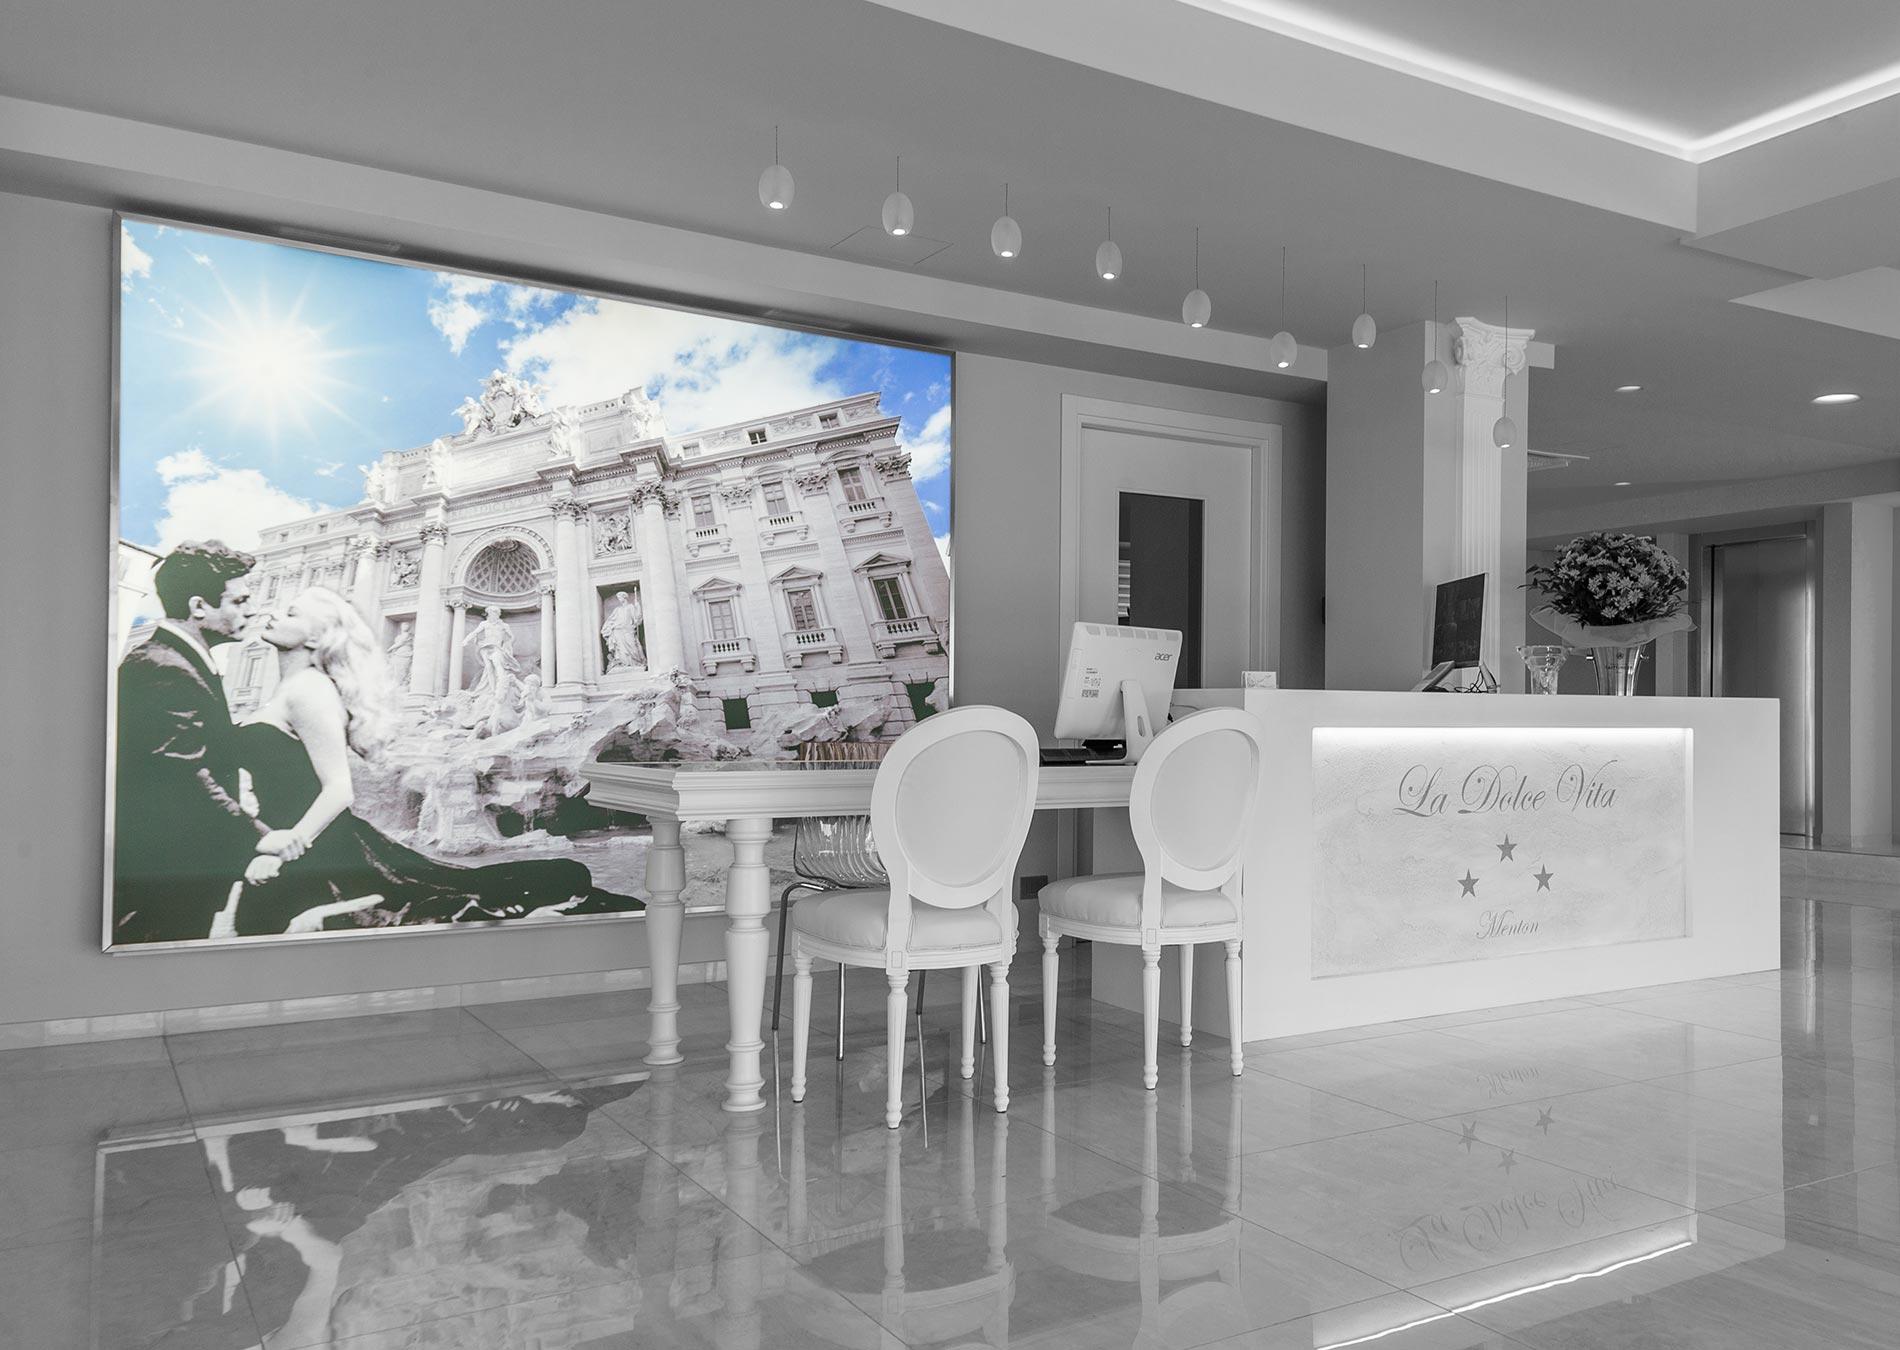 Site Officiel Hôtel La Dolce Vita Menton Monaco Cannes 06 intérieur Salon De Jardin Monaco